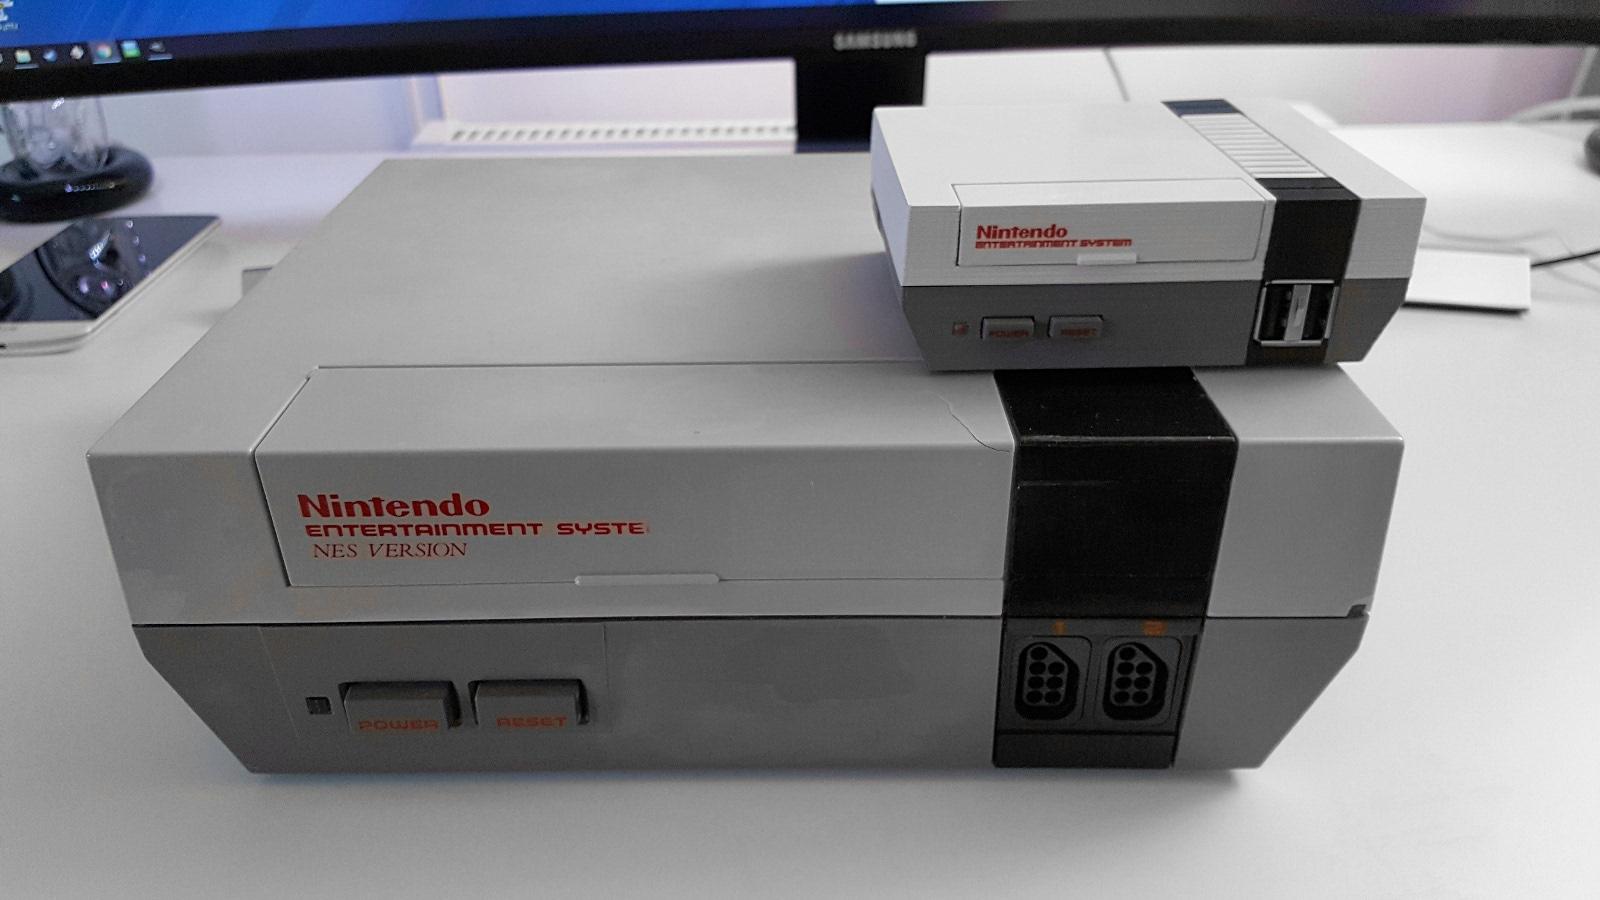 PiNES Mini: Diese Schrumpkonsole ist besser als das Mini NES